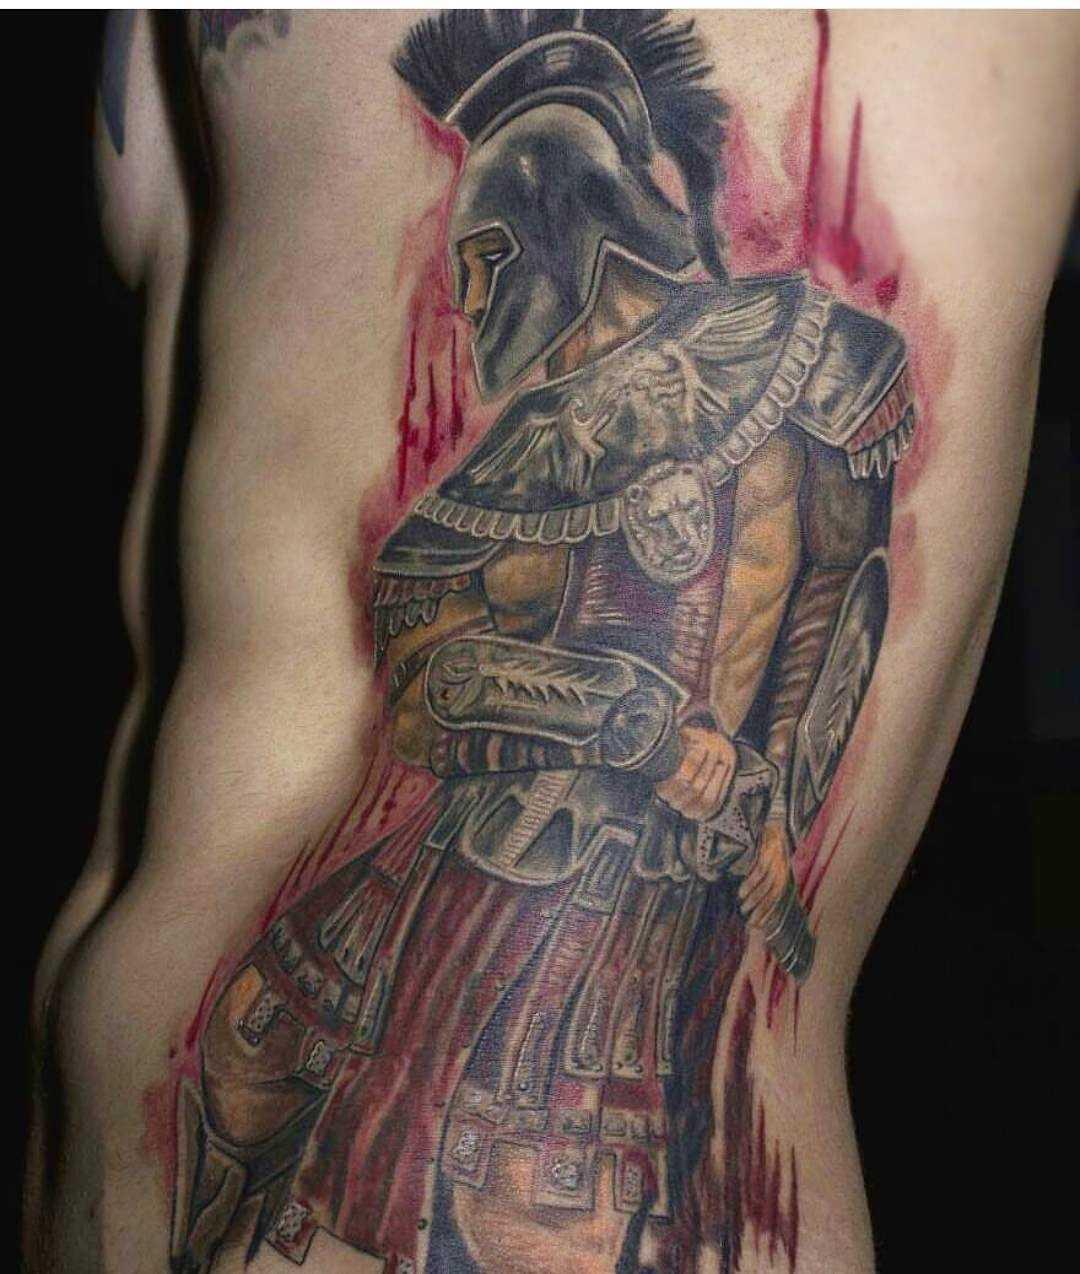 Tatuagem de gladiador ao lado de um cara